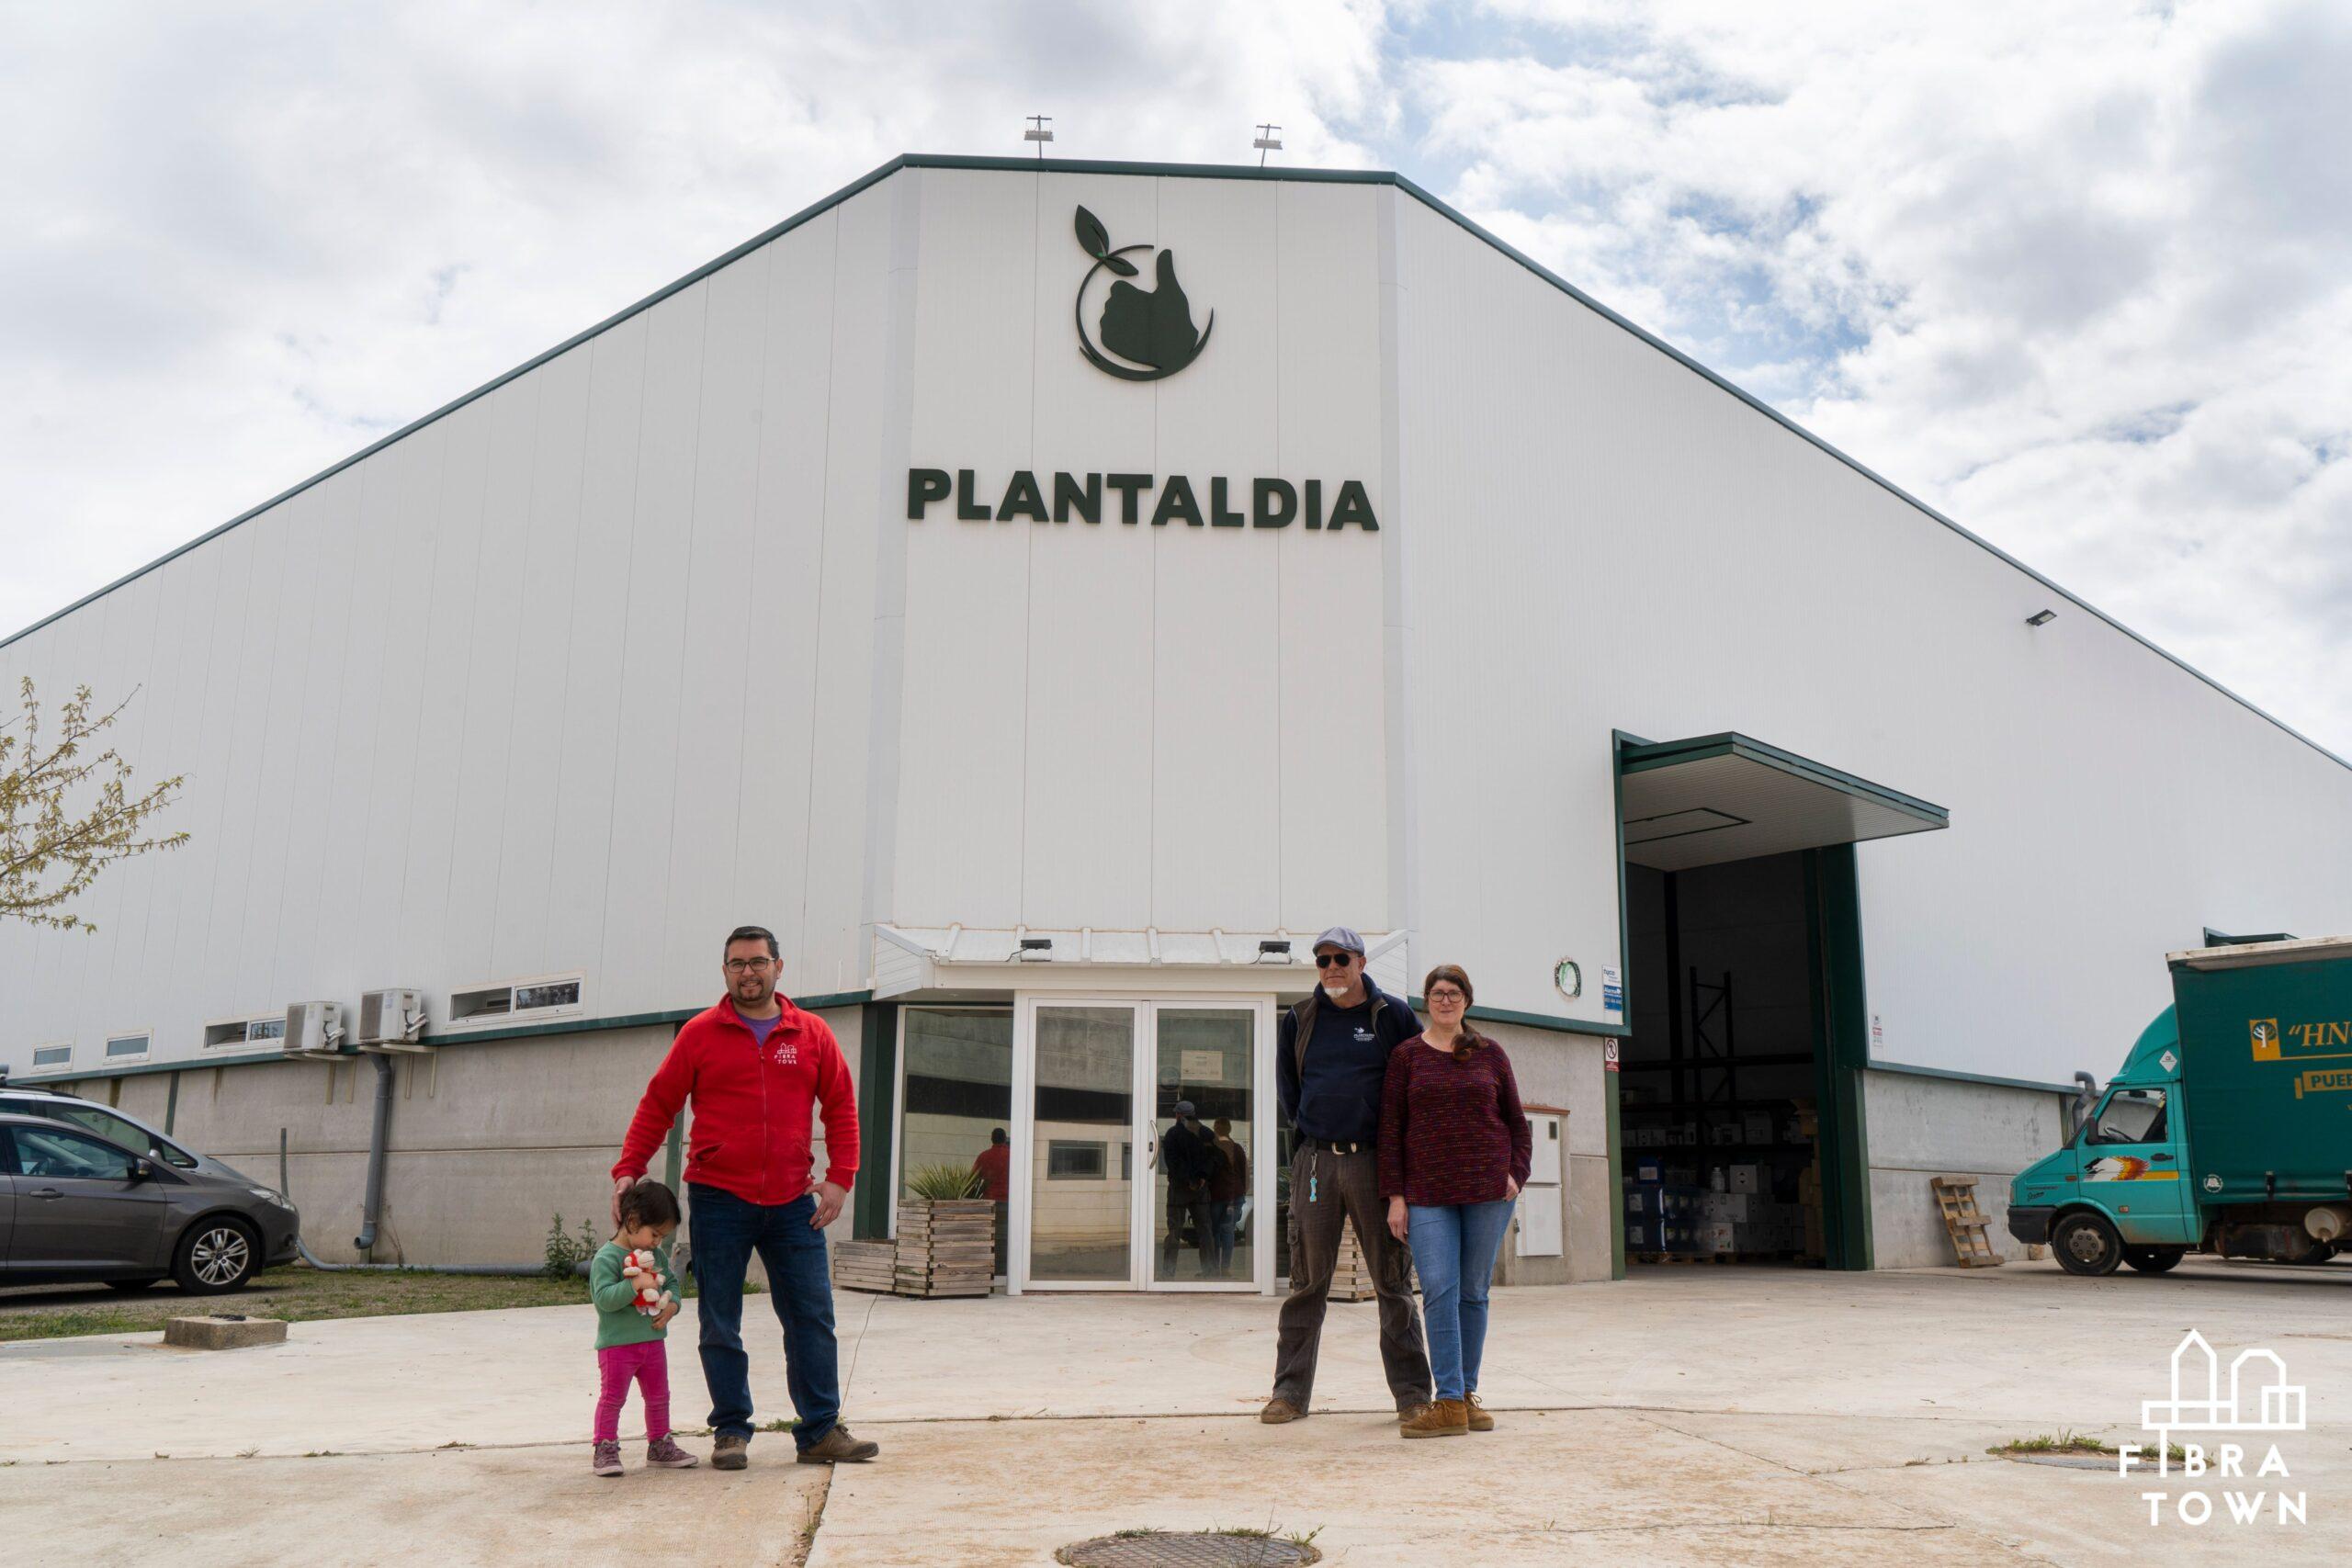 Plantaldía